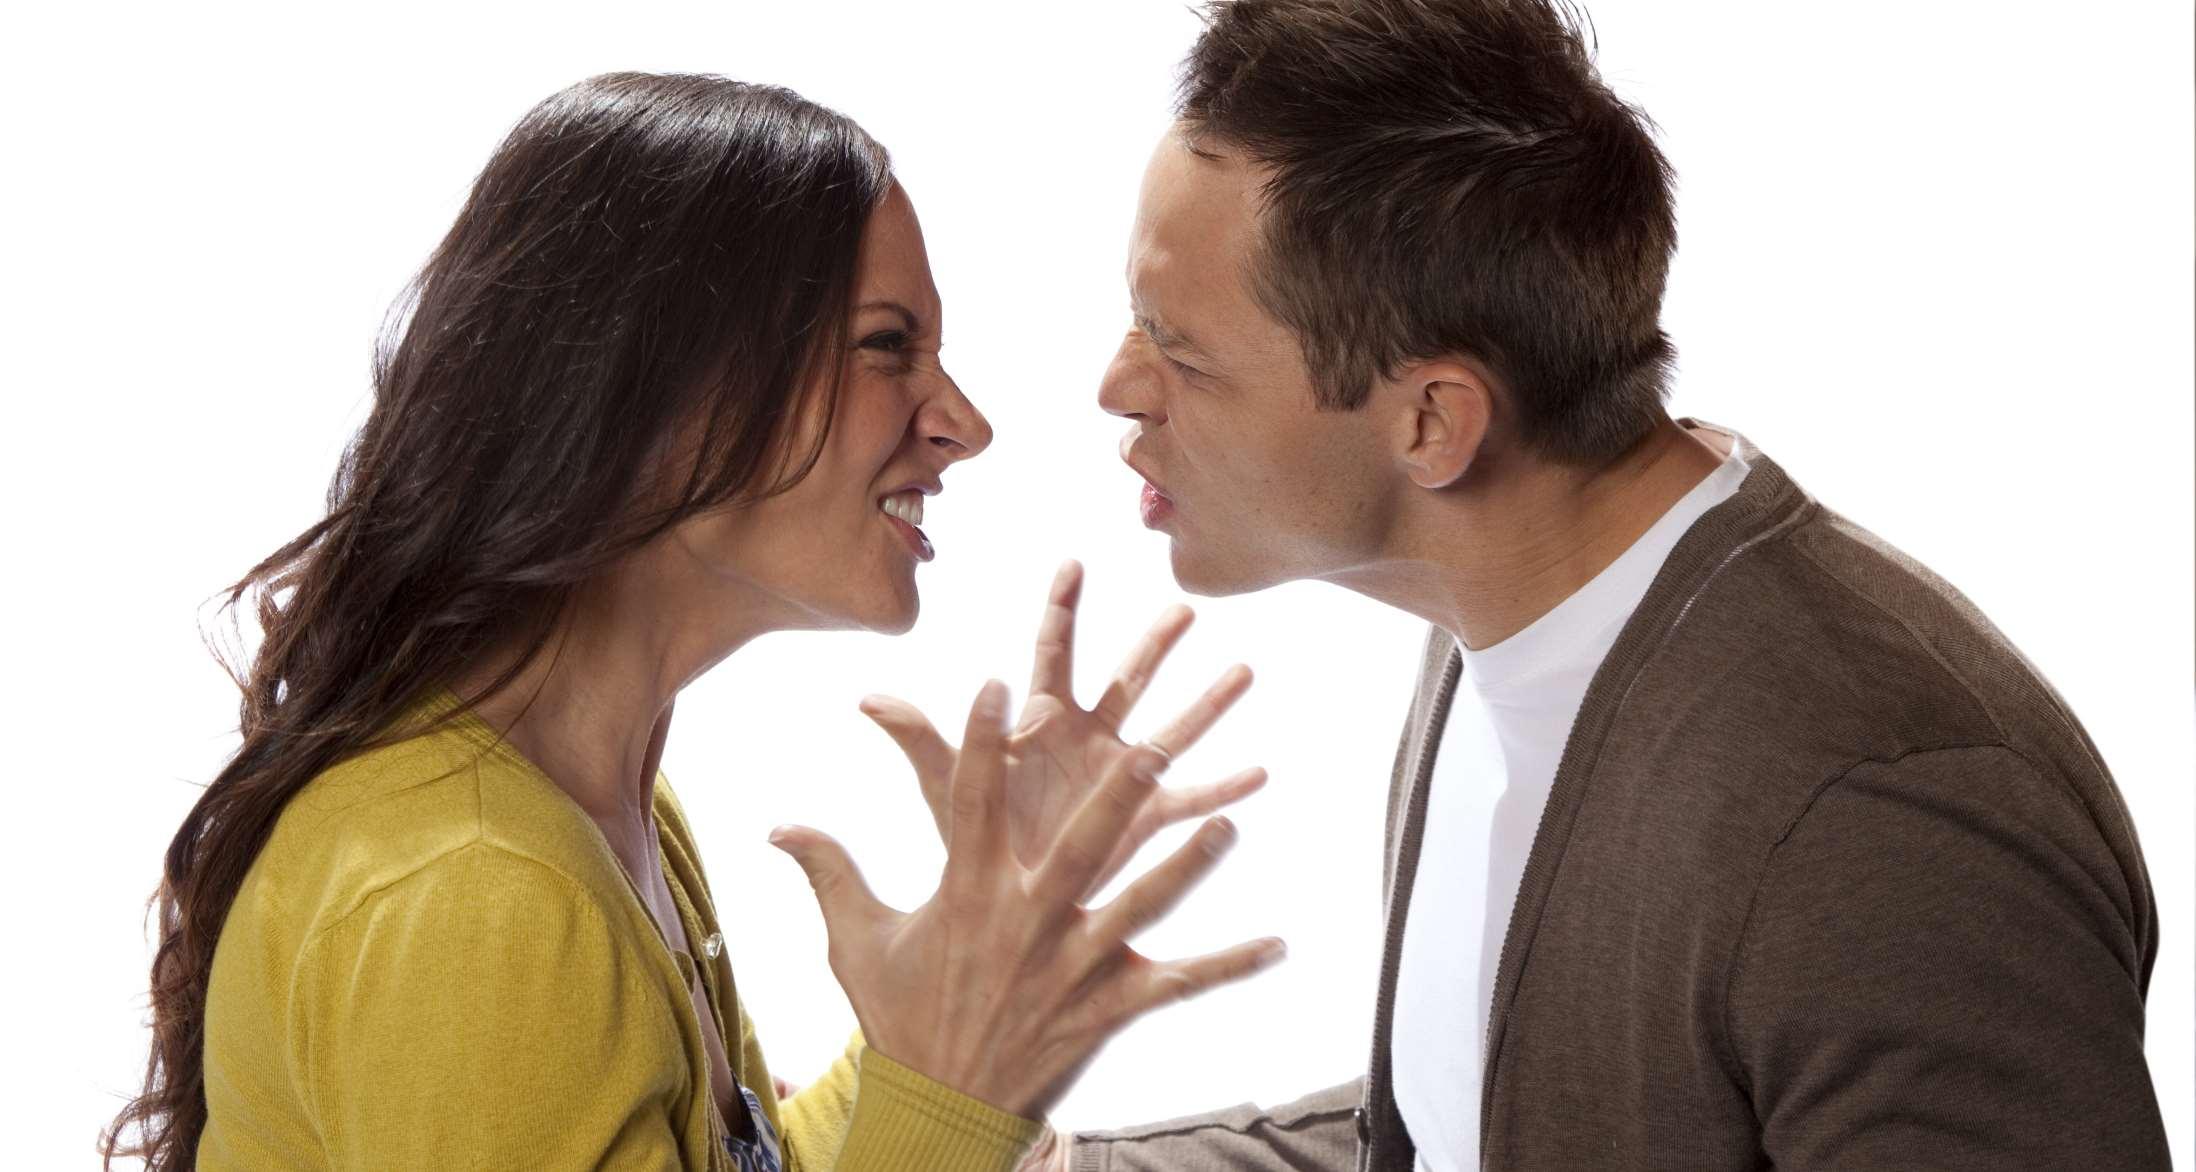 Erinomainen dating profiili esimerkkejä